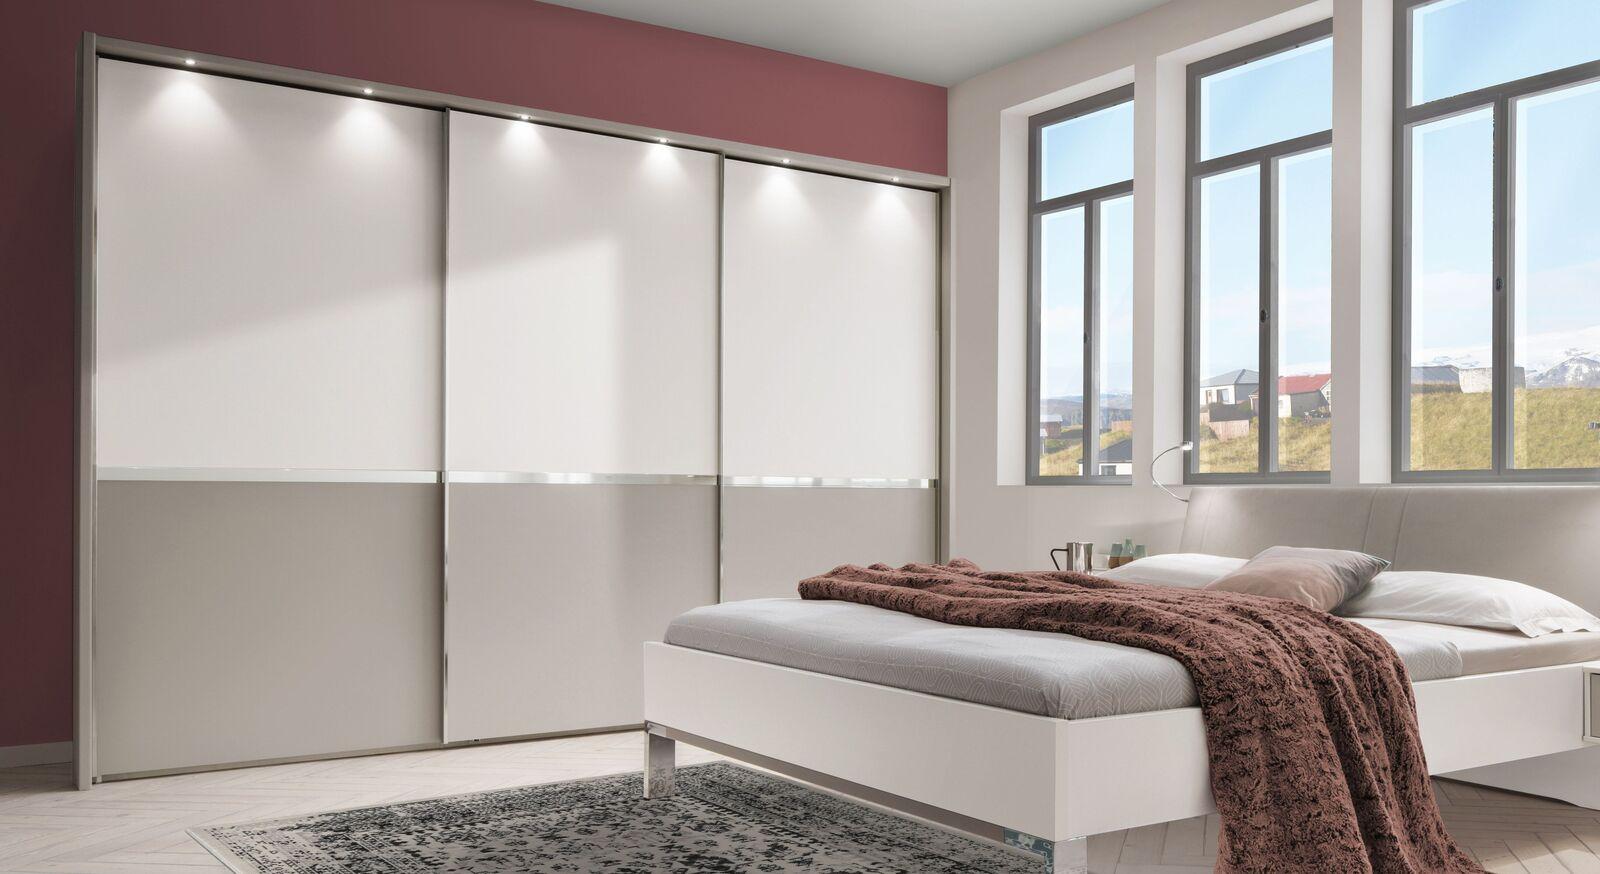 Schwebetüren-Kleiderschrank Tulsa optional mit Beleuchtung